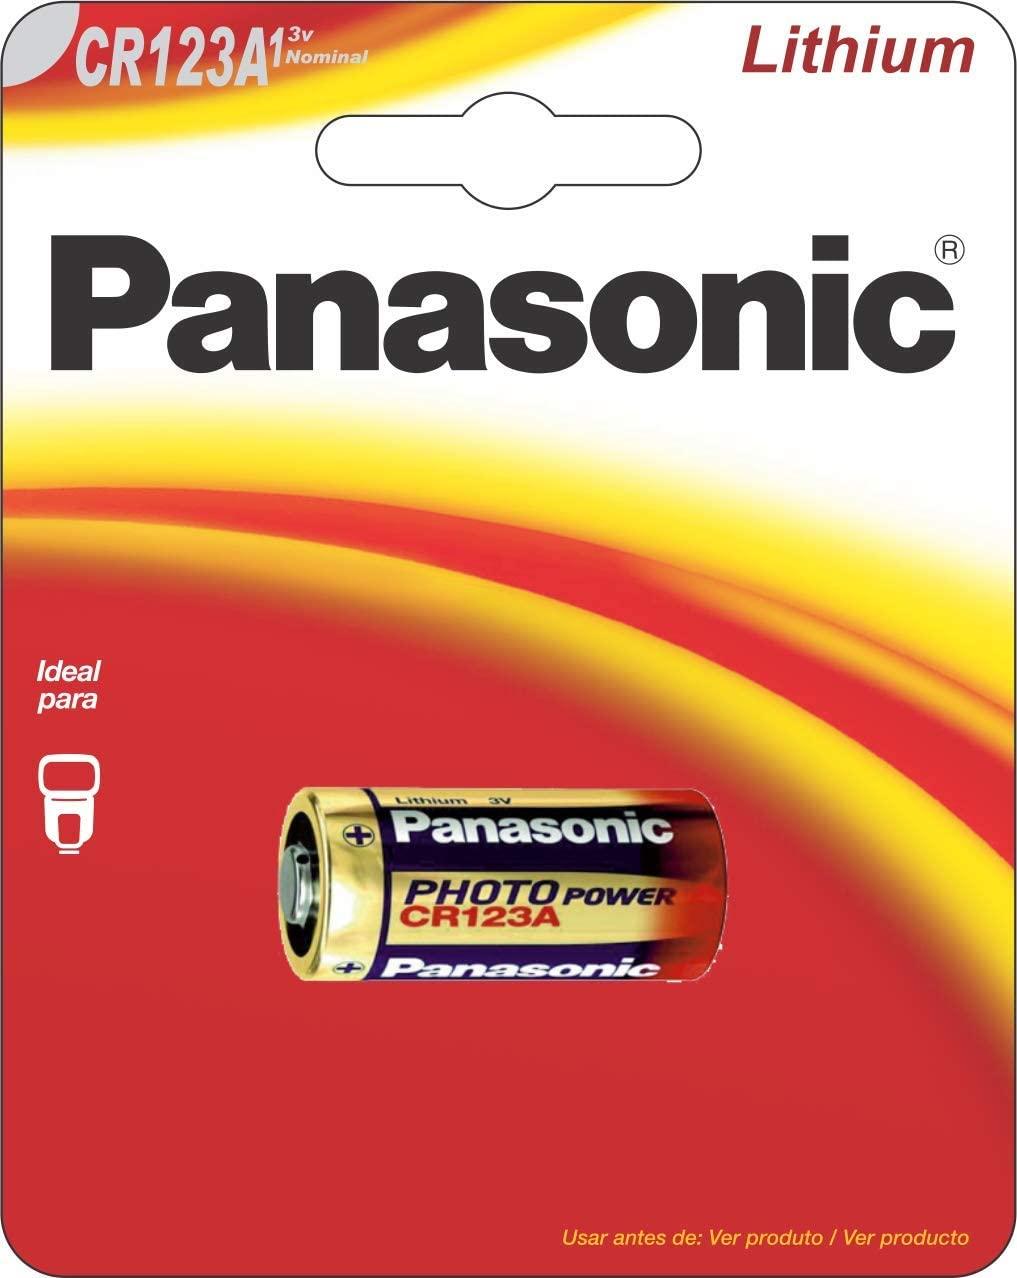 01 Pilha CR123A 3V Lithium PANASONIC- 01 cartela com 1 unidade